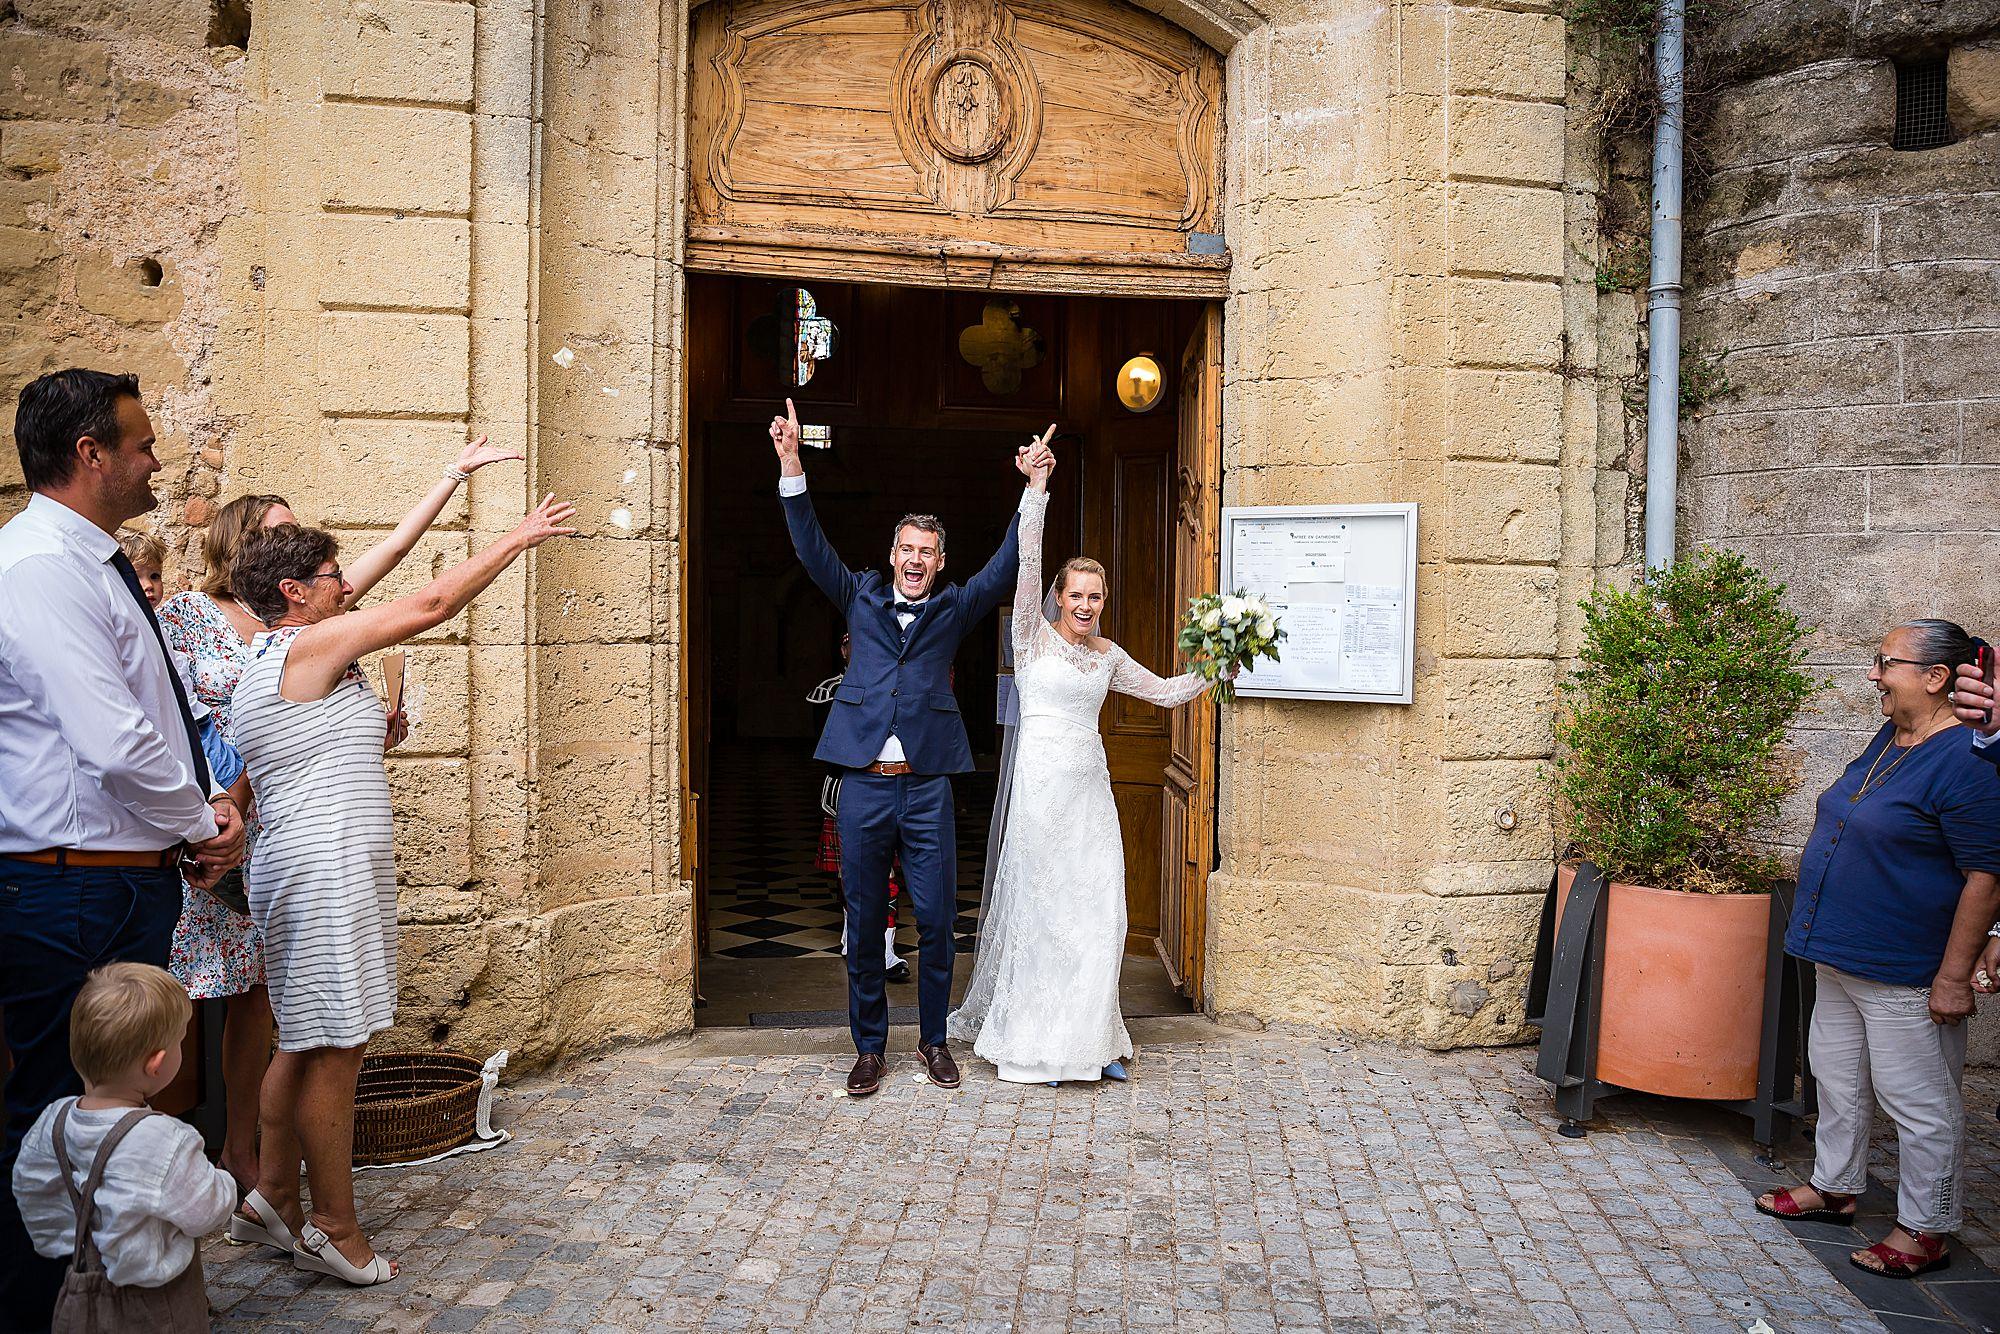 mariage l'église de St Cyr et Sainte Juliette, Plan de l'Église, Pomérols, Languedoc-Roussillon